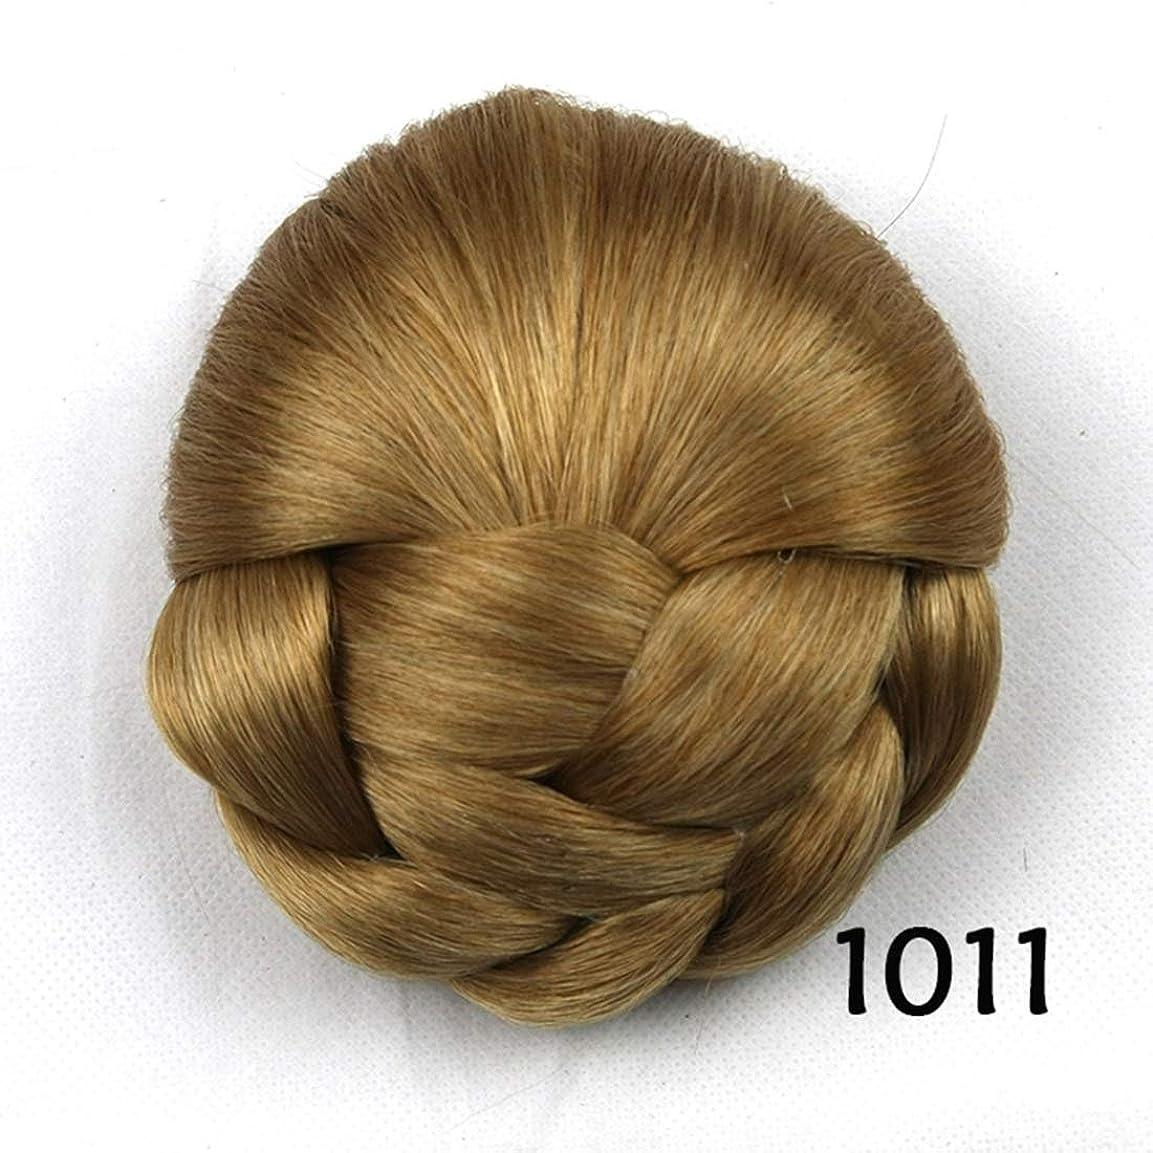 有名な透過性勤勉JIANFU レディースヘアブンフラワーヘッドピースドーナツポニーテール (Color : Color 1011)